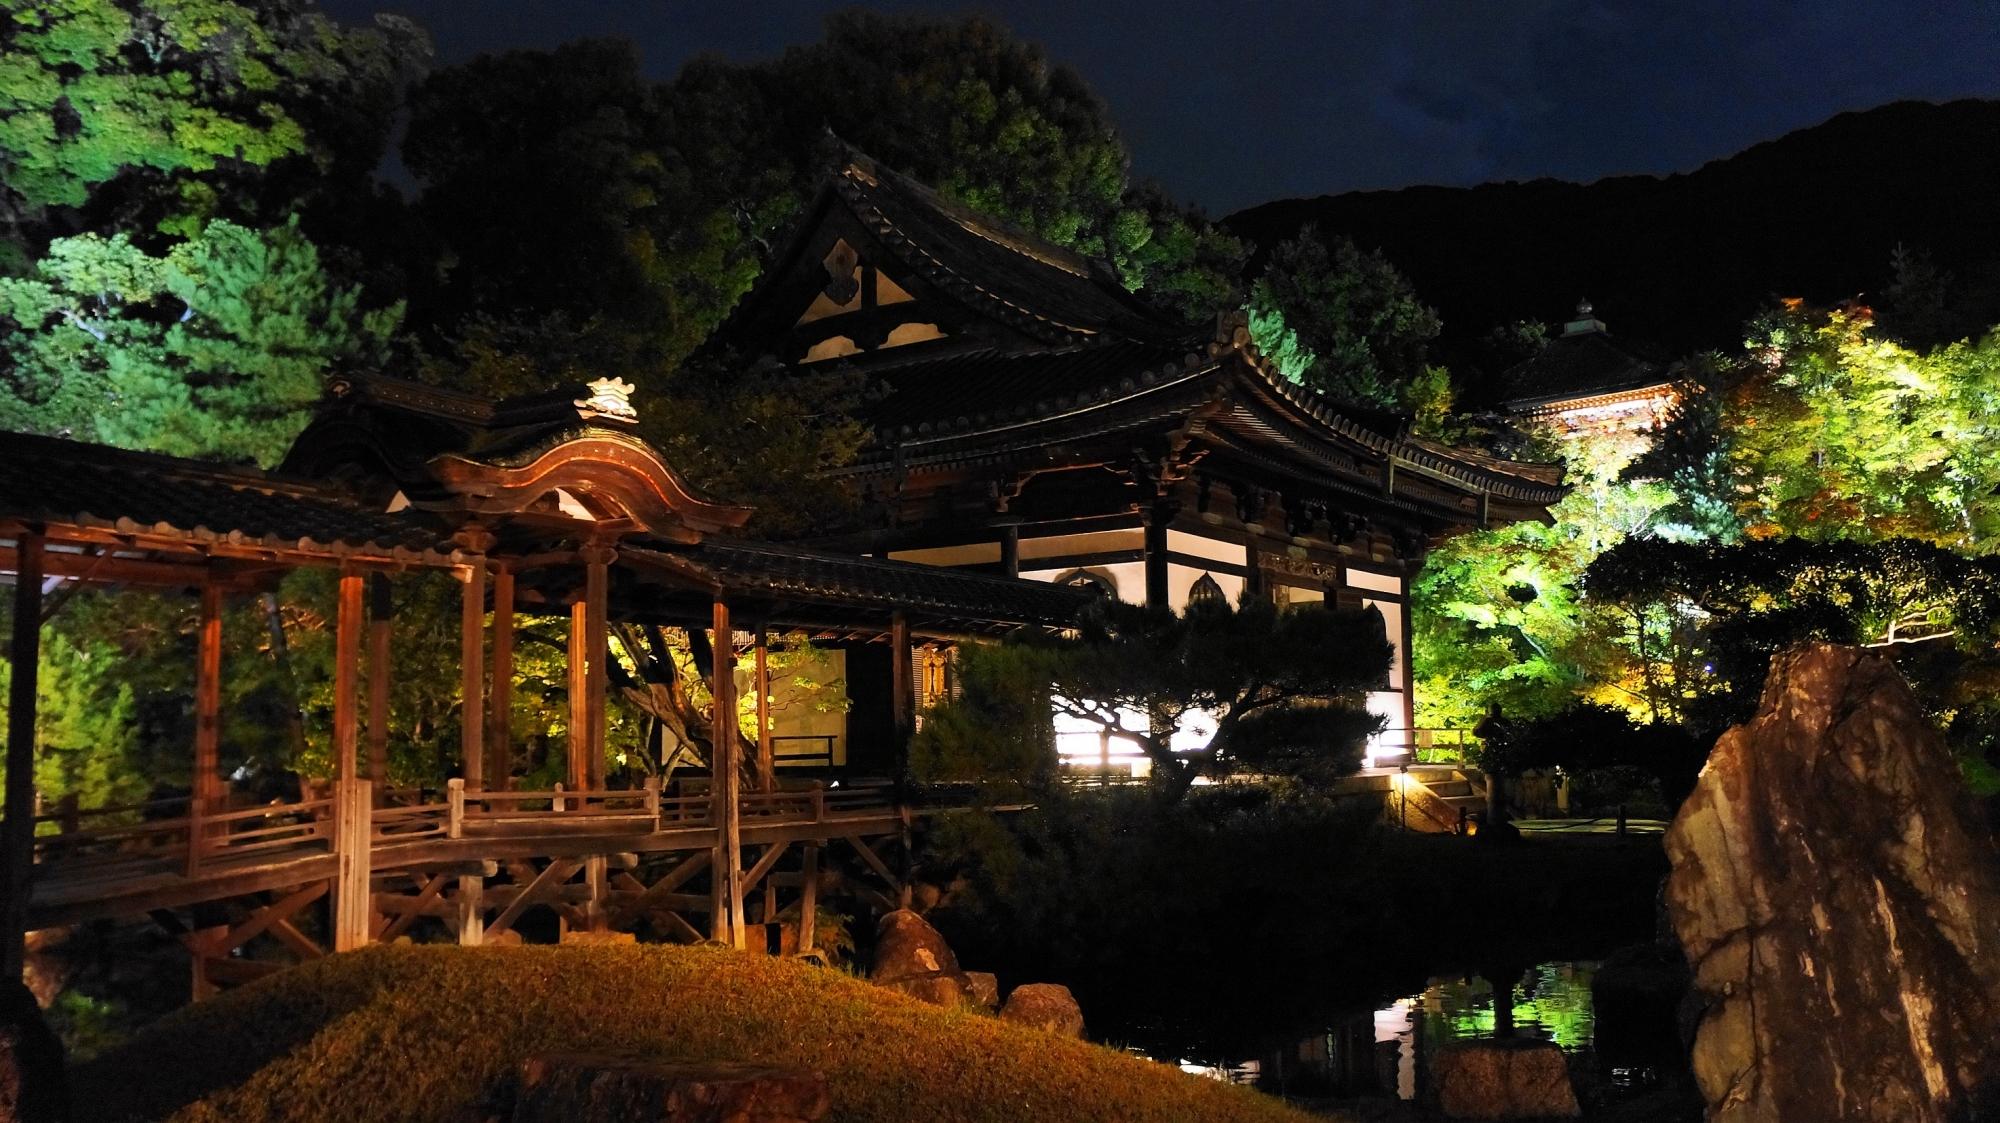 高台寺 観月台 ライトアップ